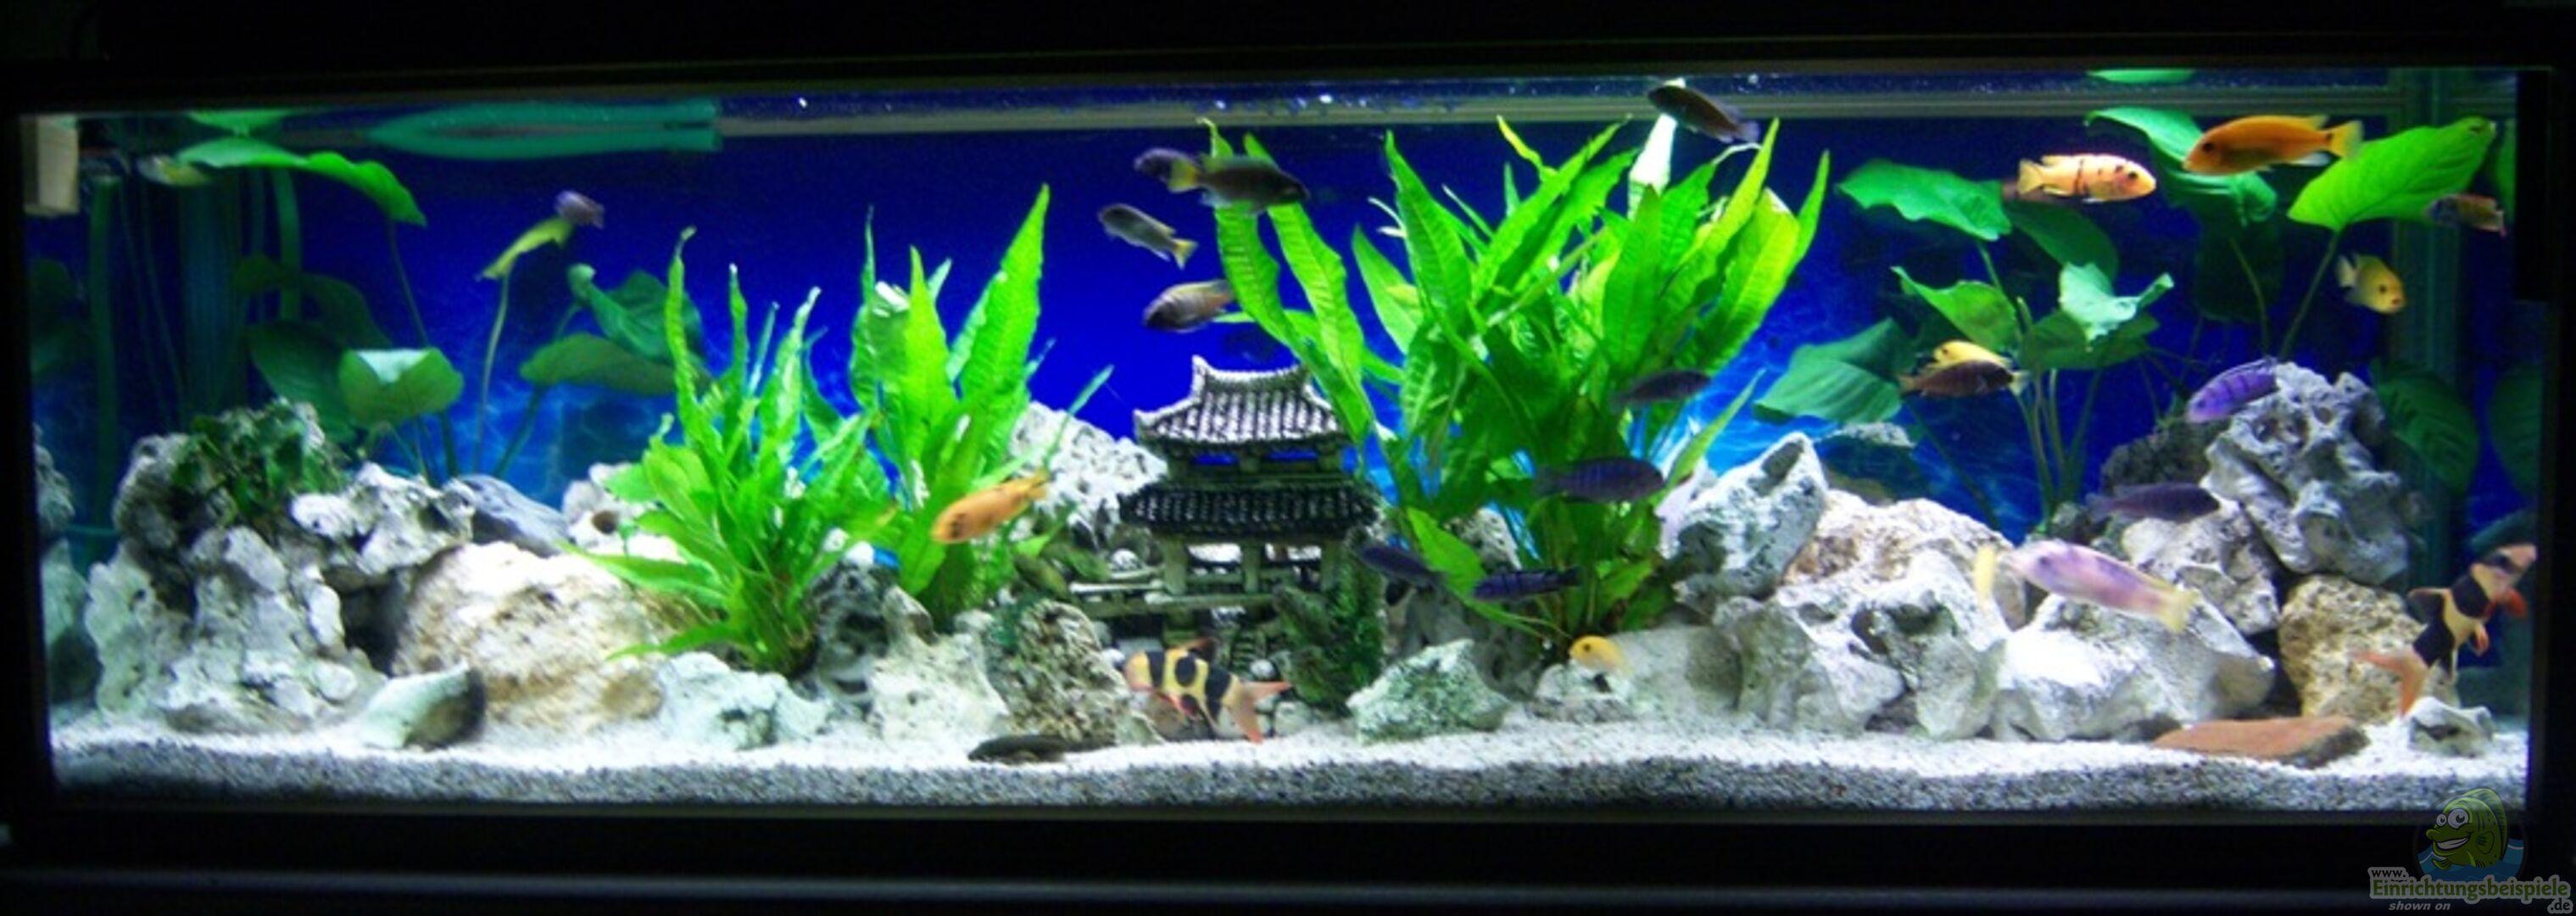 aquarium von 47 malawi 21483 nicht mehr in betrieb. Black Bedroom Furniture Sets. Home Design Ideas